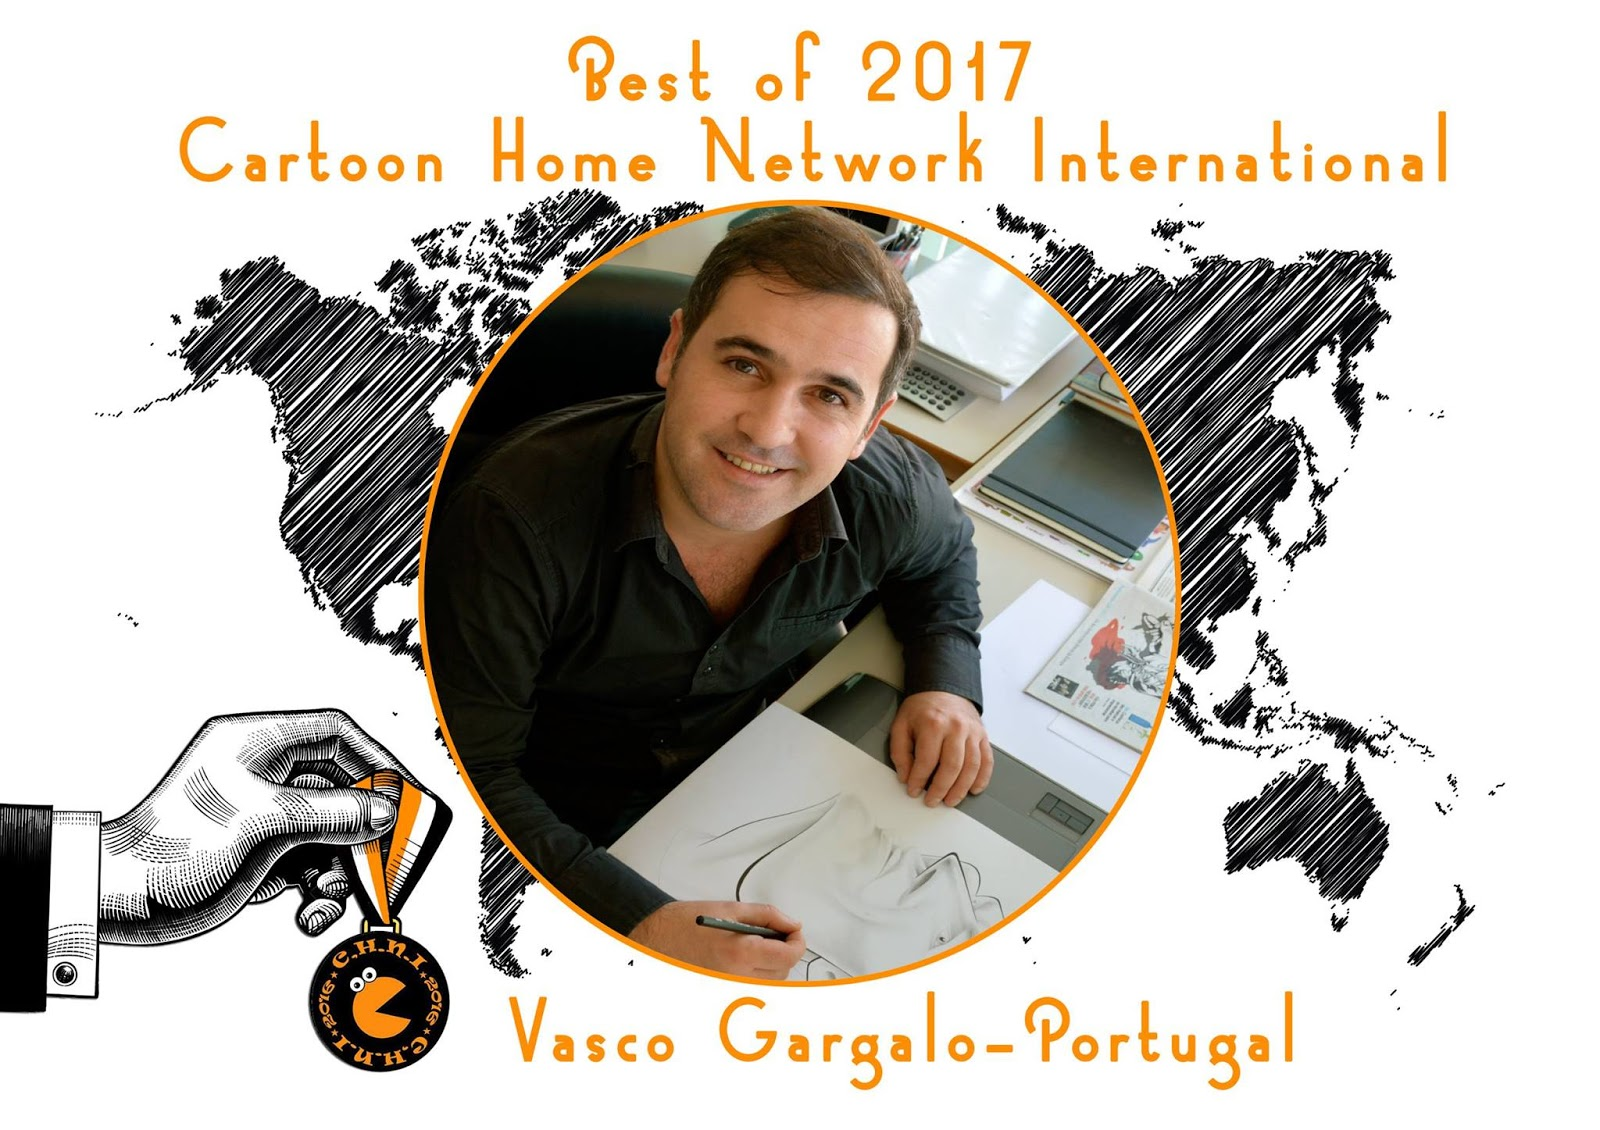 Gold Pencil_Best of 2017 Cartoon Home Network International